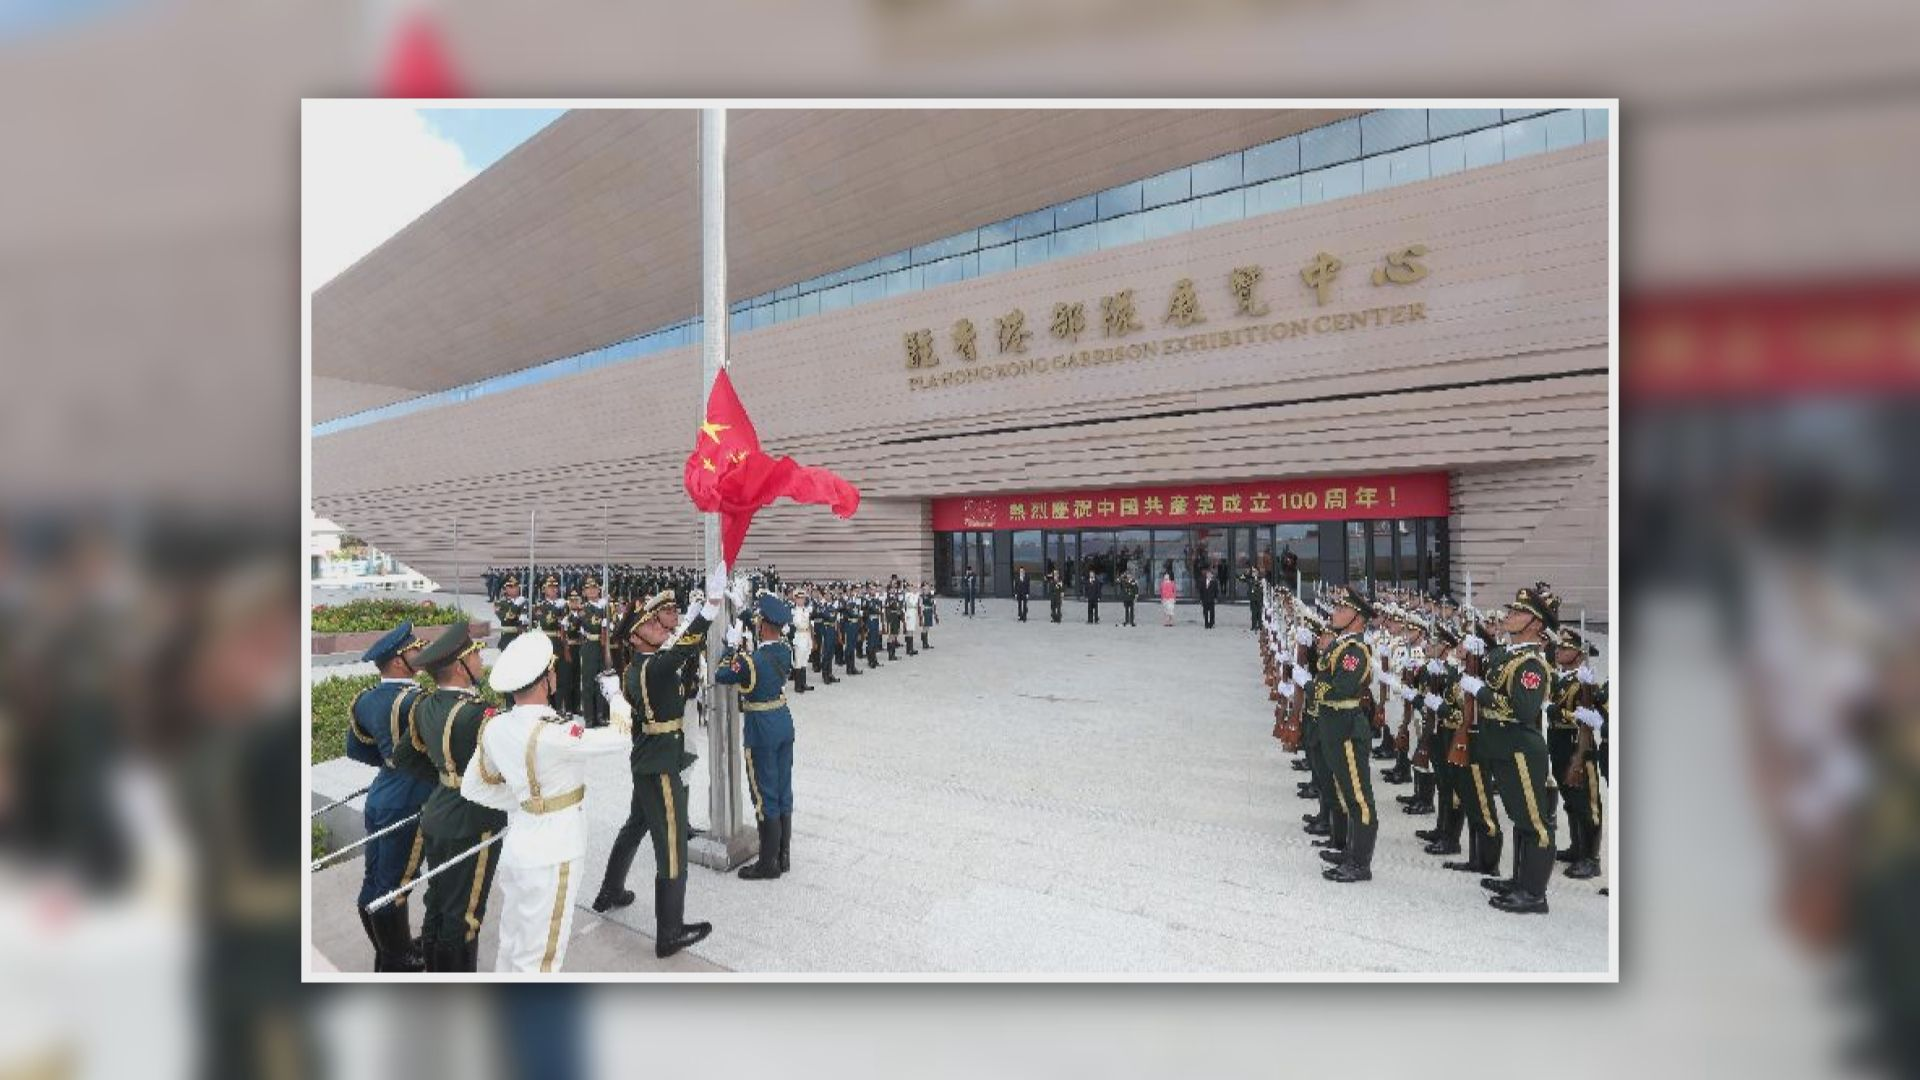 解放軍駐港部隊展覽中心建成開放